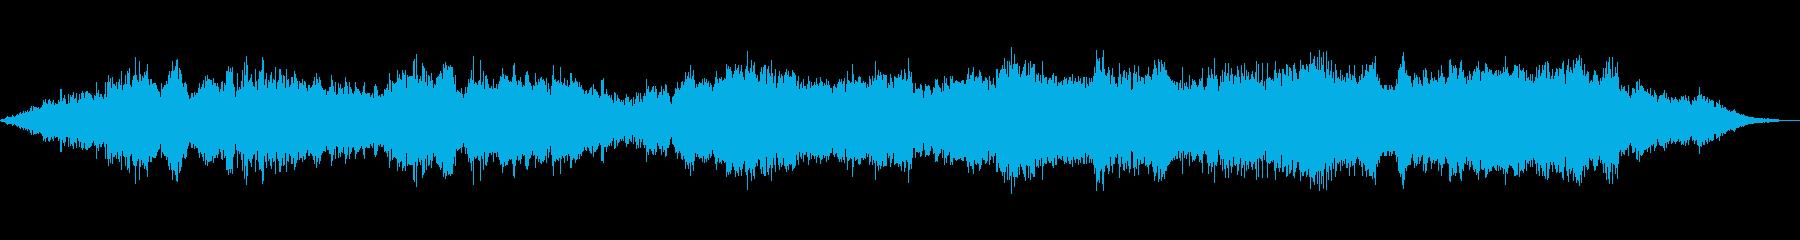 アンビエント、ヒーリング、雨音と深呼吸の再生済みの波形